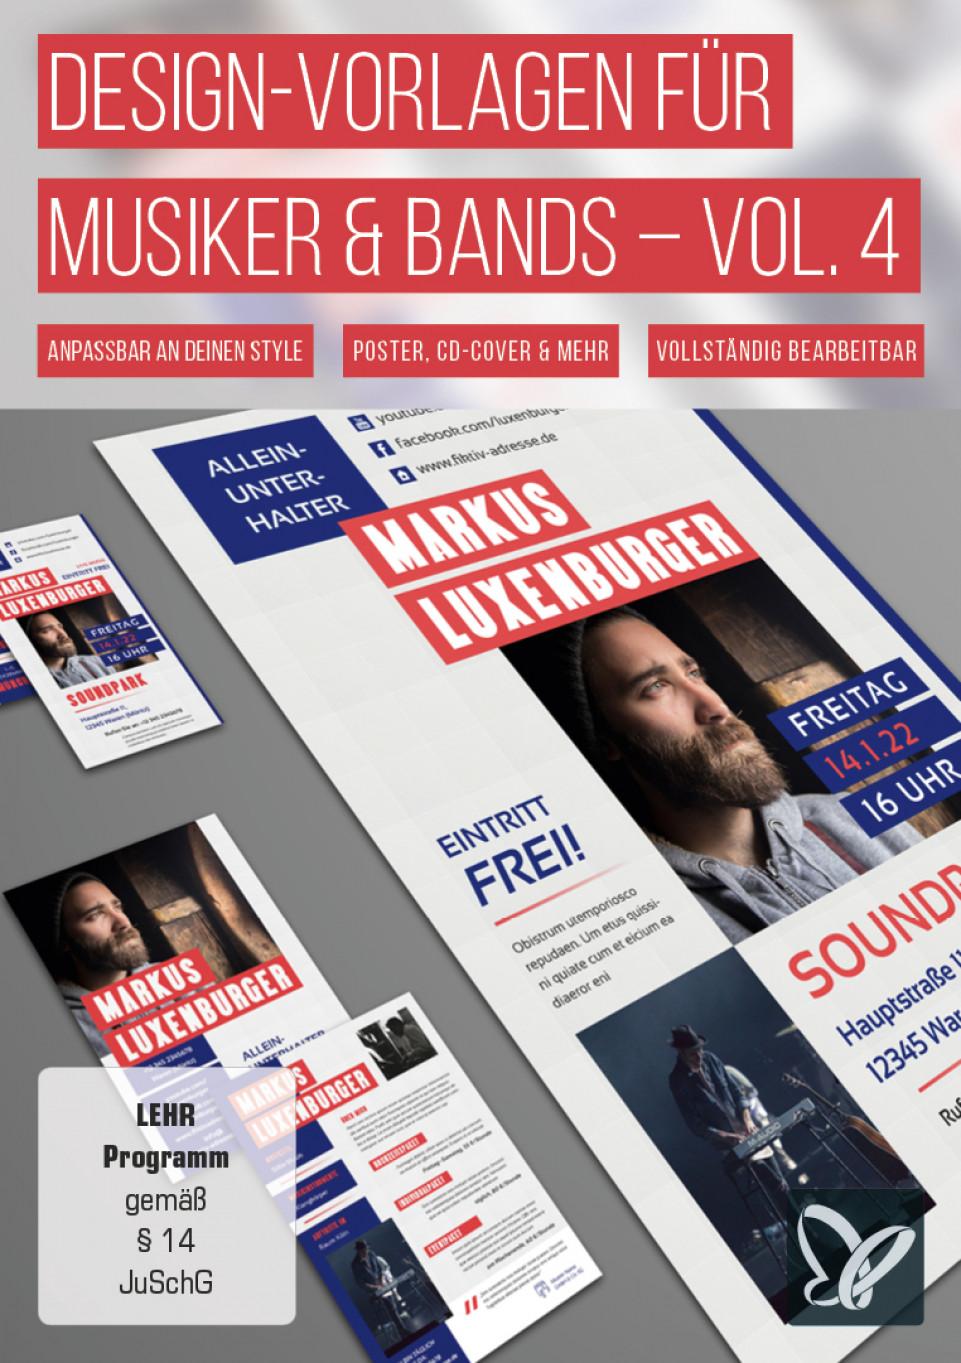 Design-Vorlagen für Musiker & Bands – Vol. 4